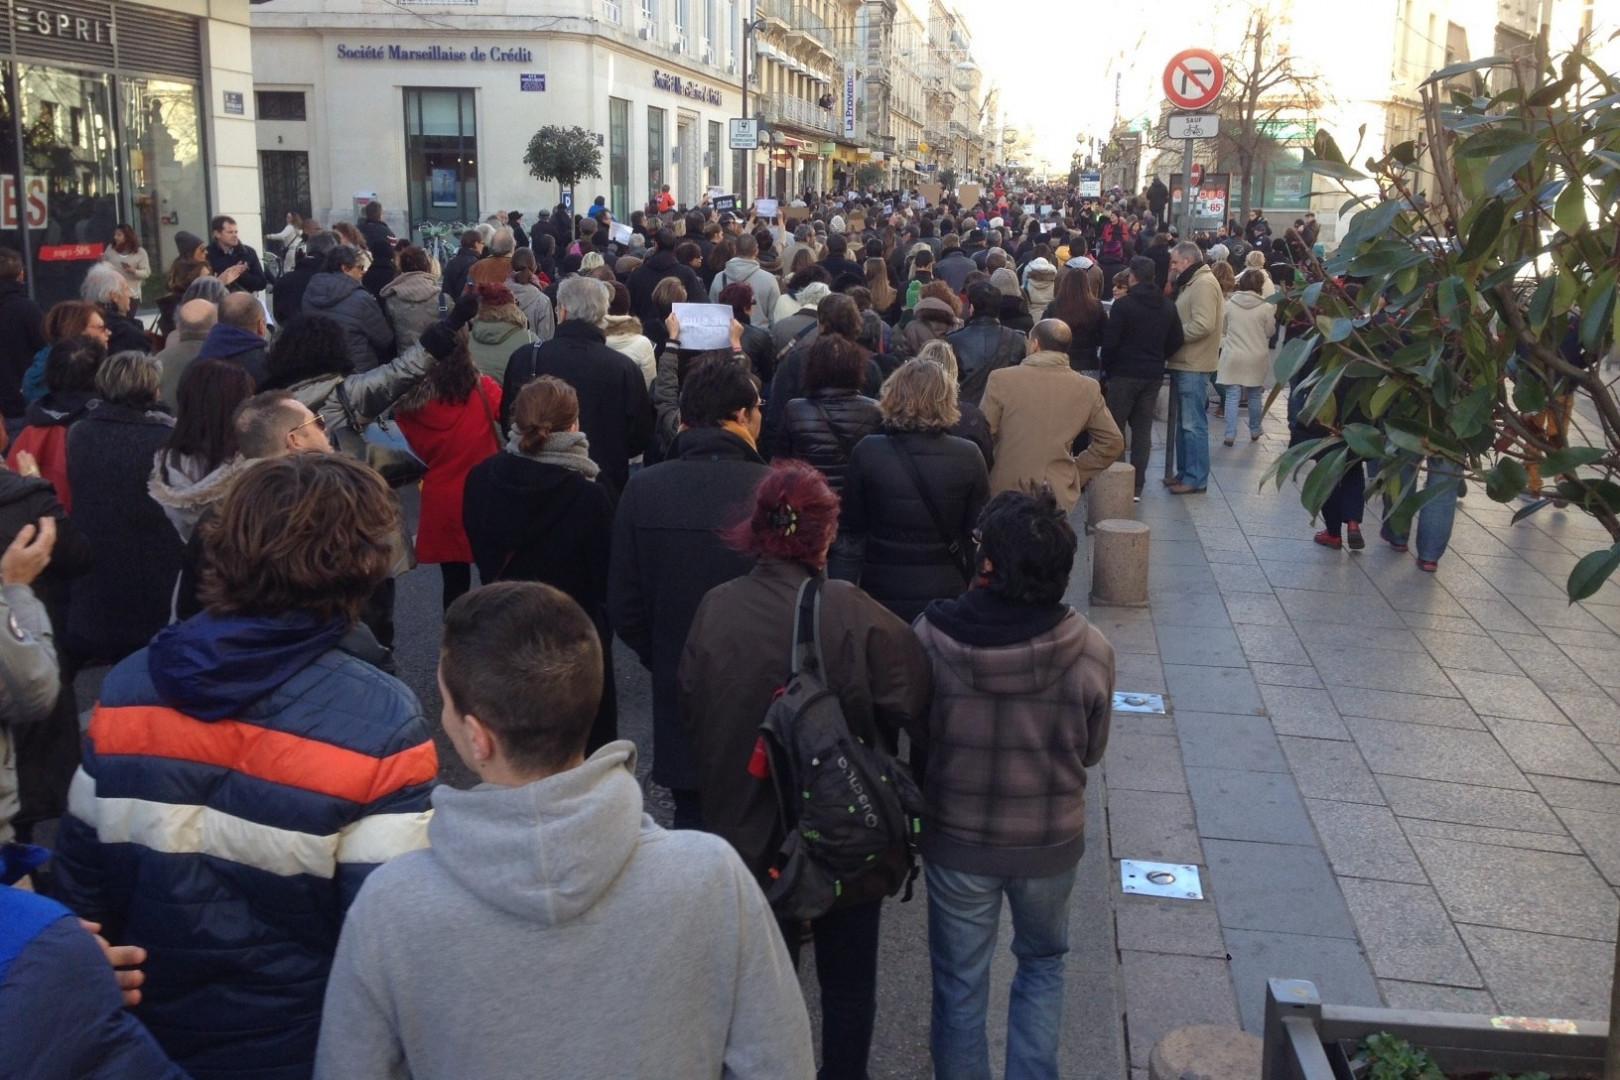 Les Français défilent dans les rues d'Avignon en hommage aux victimes des attentats